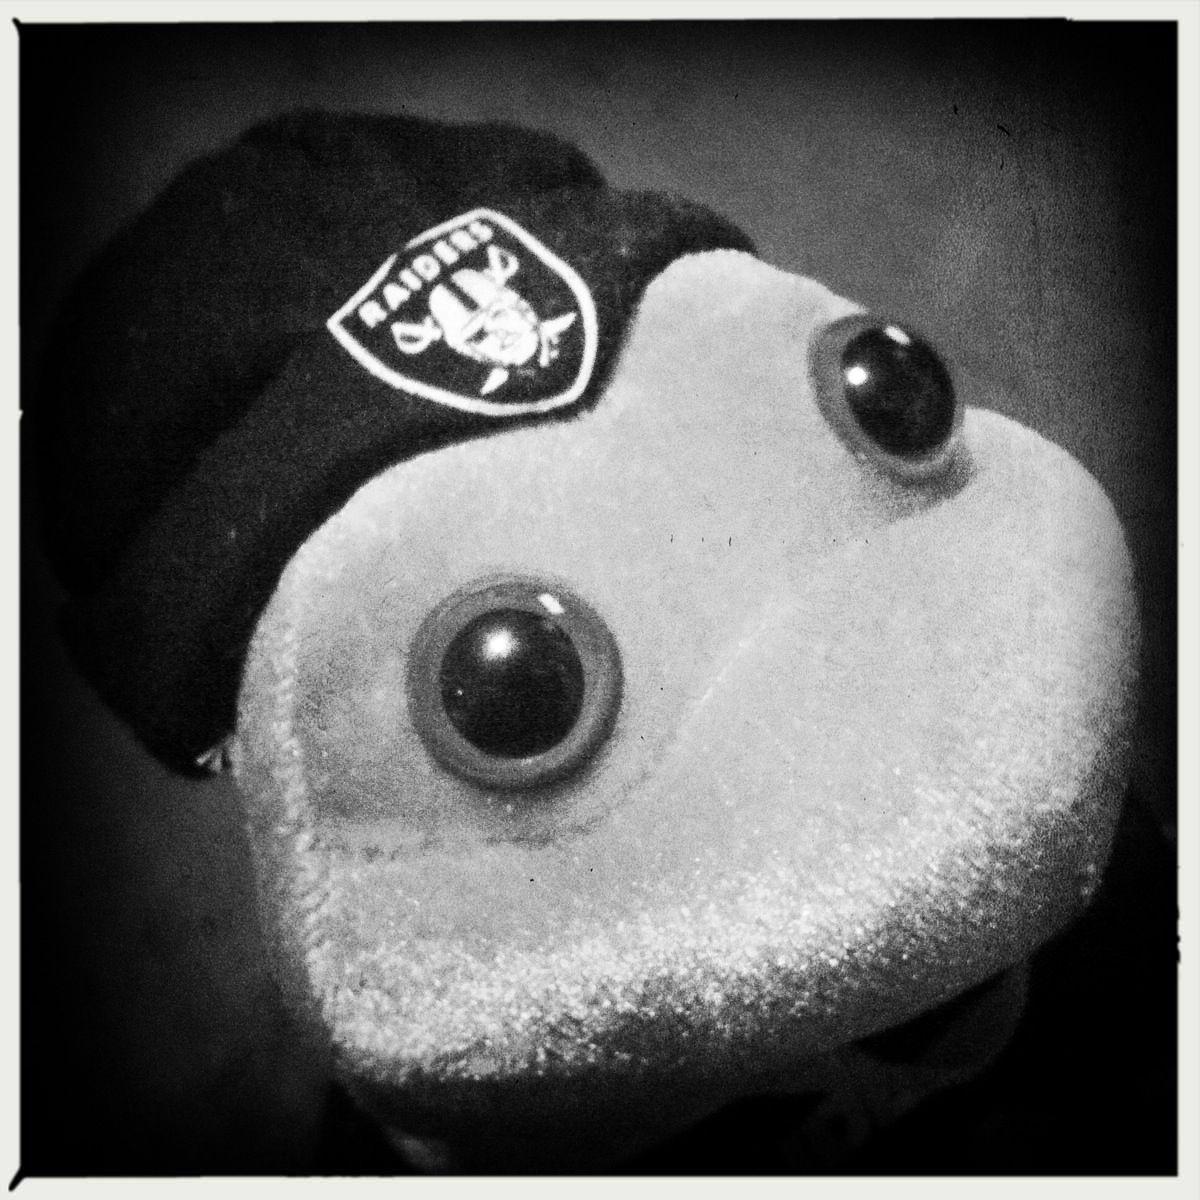 #OaklandRaiders Frog